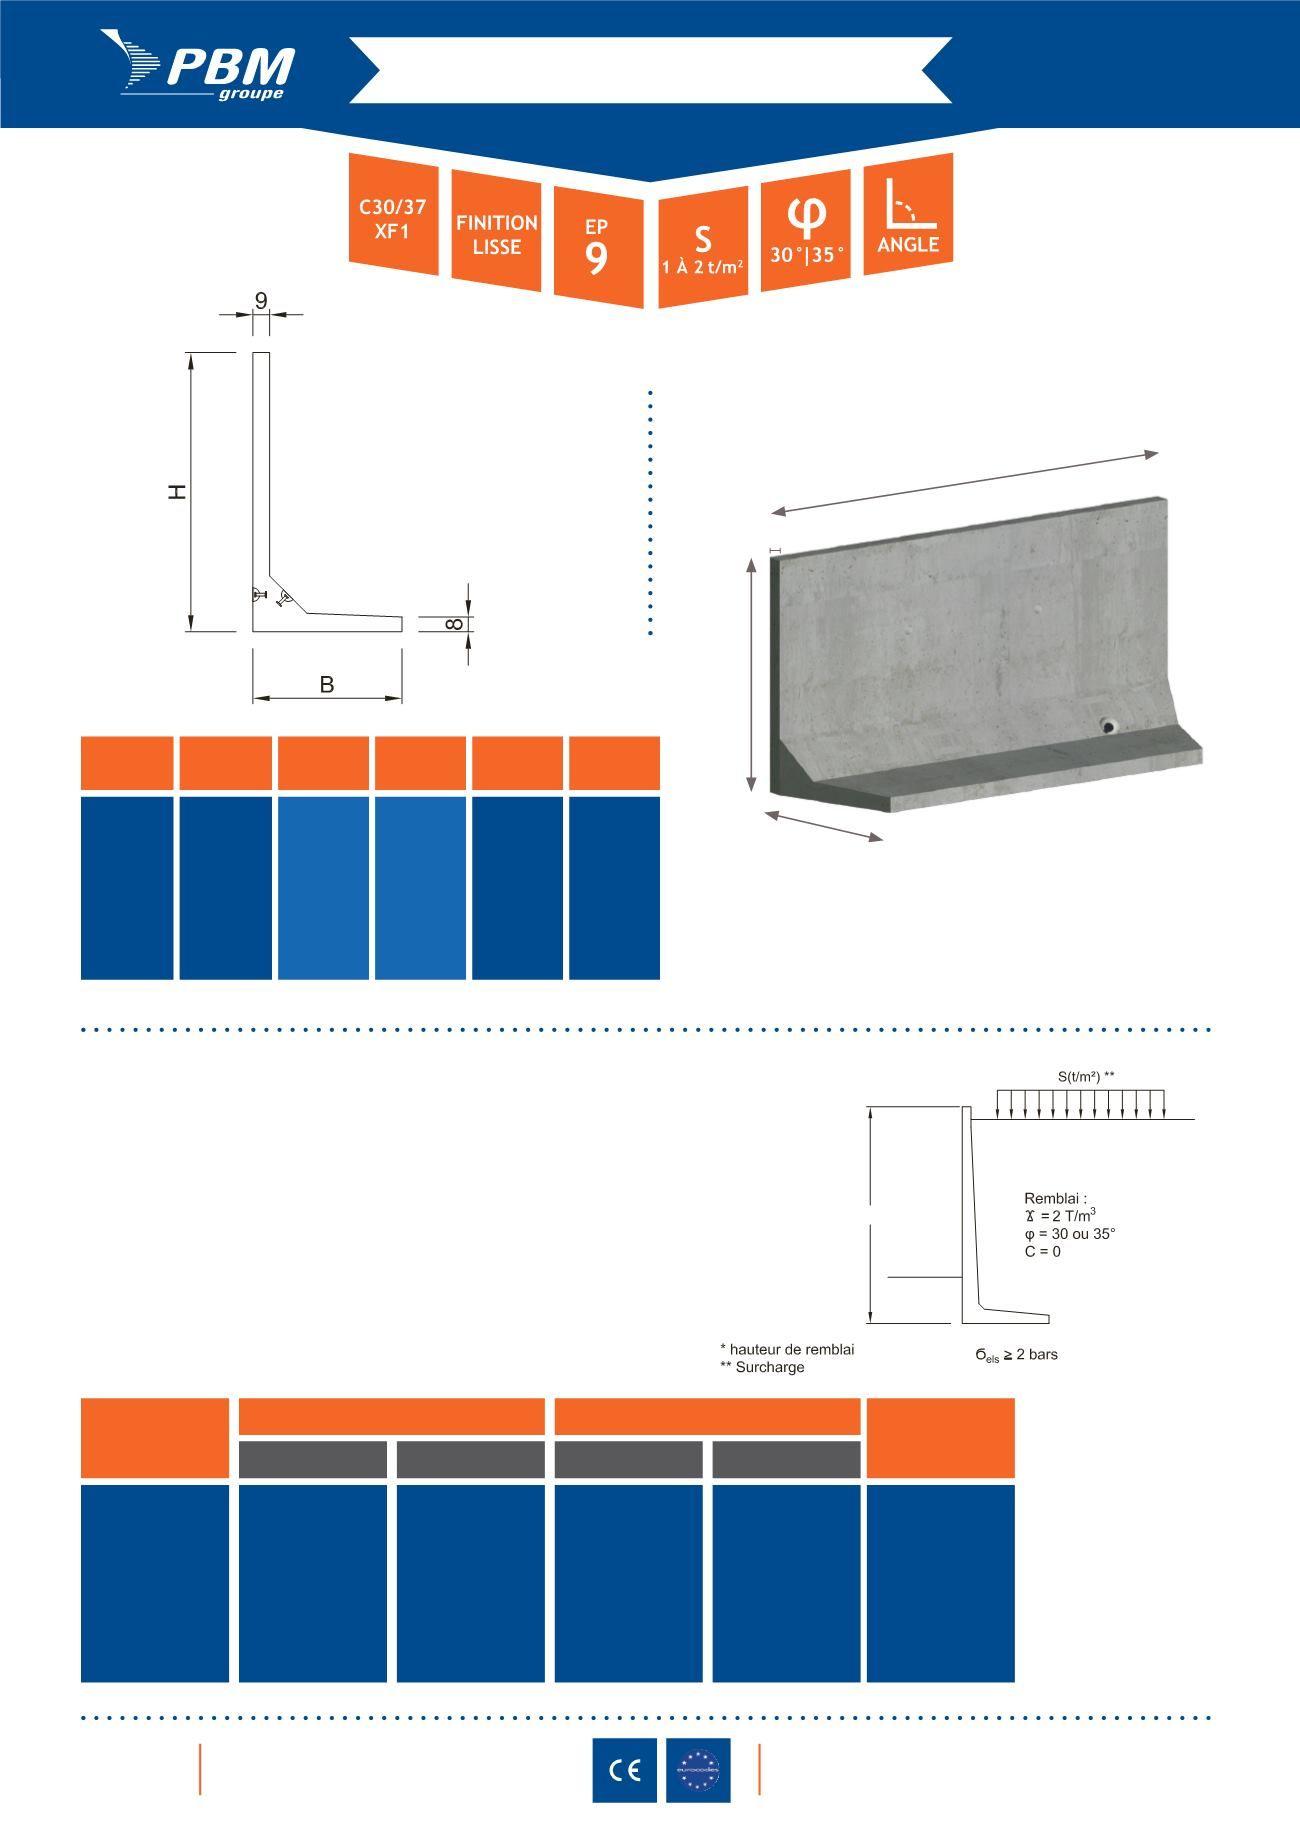 l beton soutenement prix amazing mur soutnement bton prfabriqu prix mars of mur soutnement bton. Black Bedroom Furniture Sets. Home Design Ideas